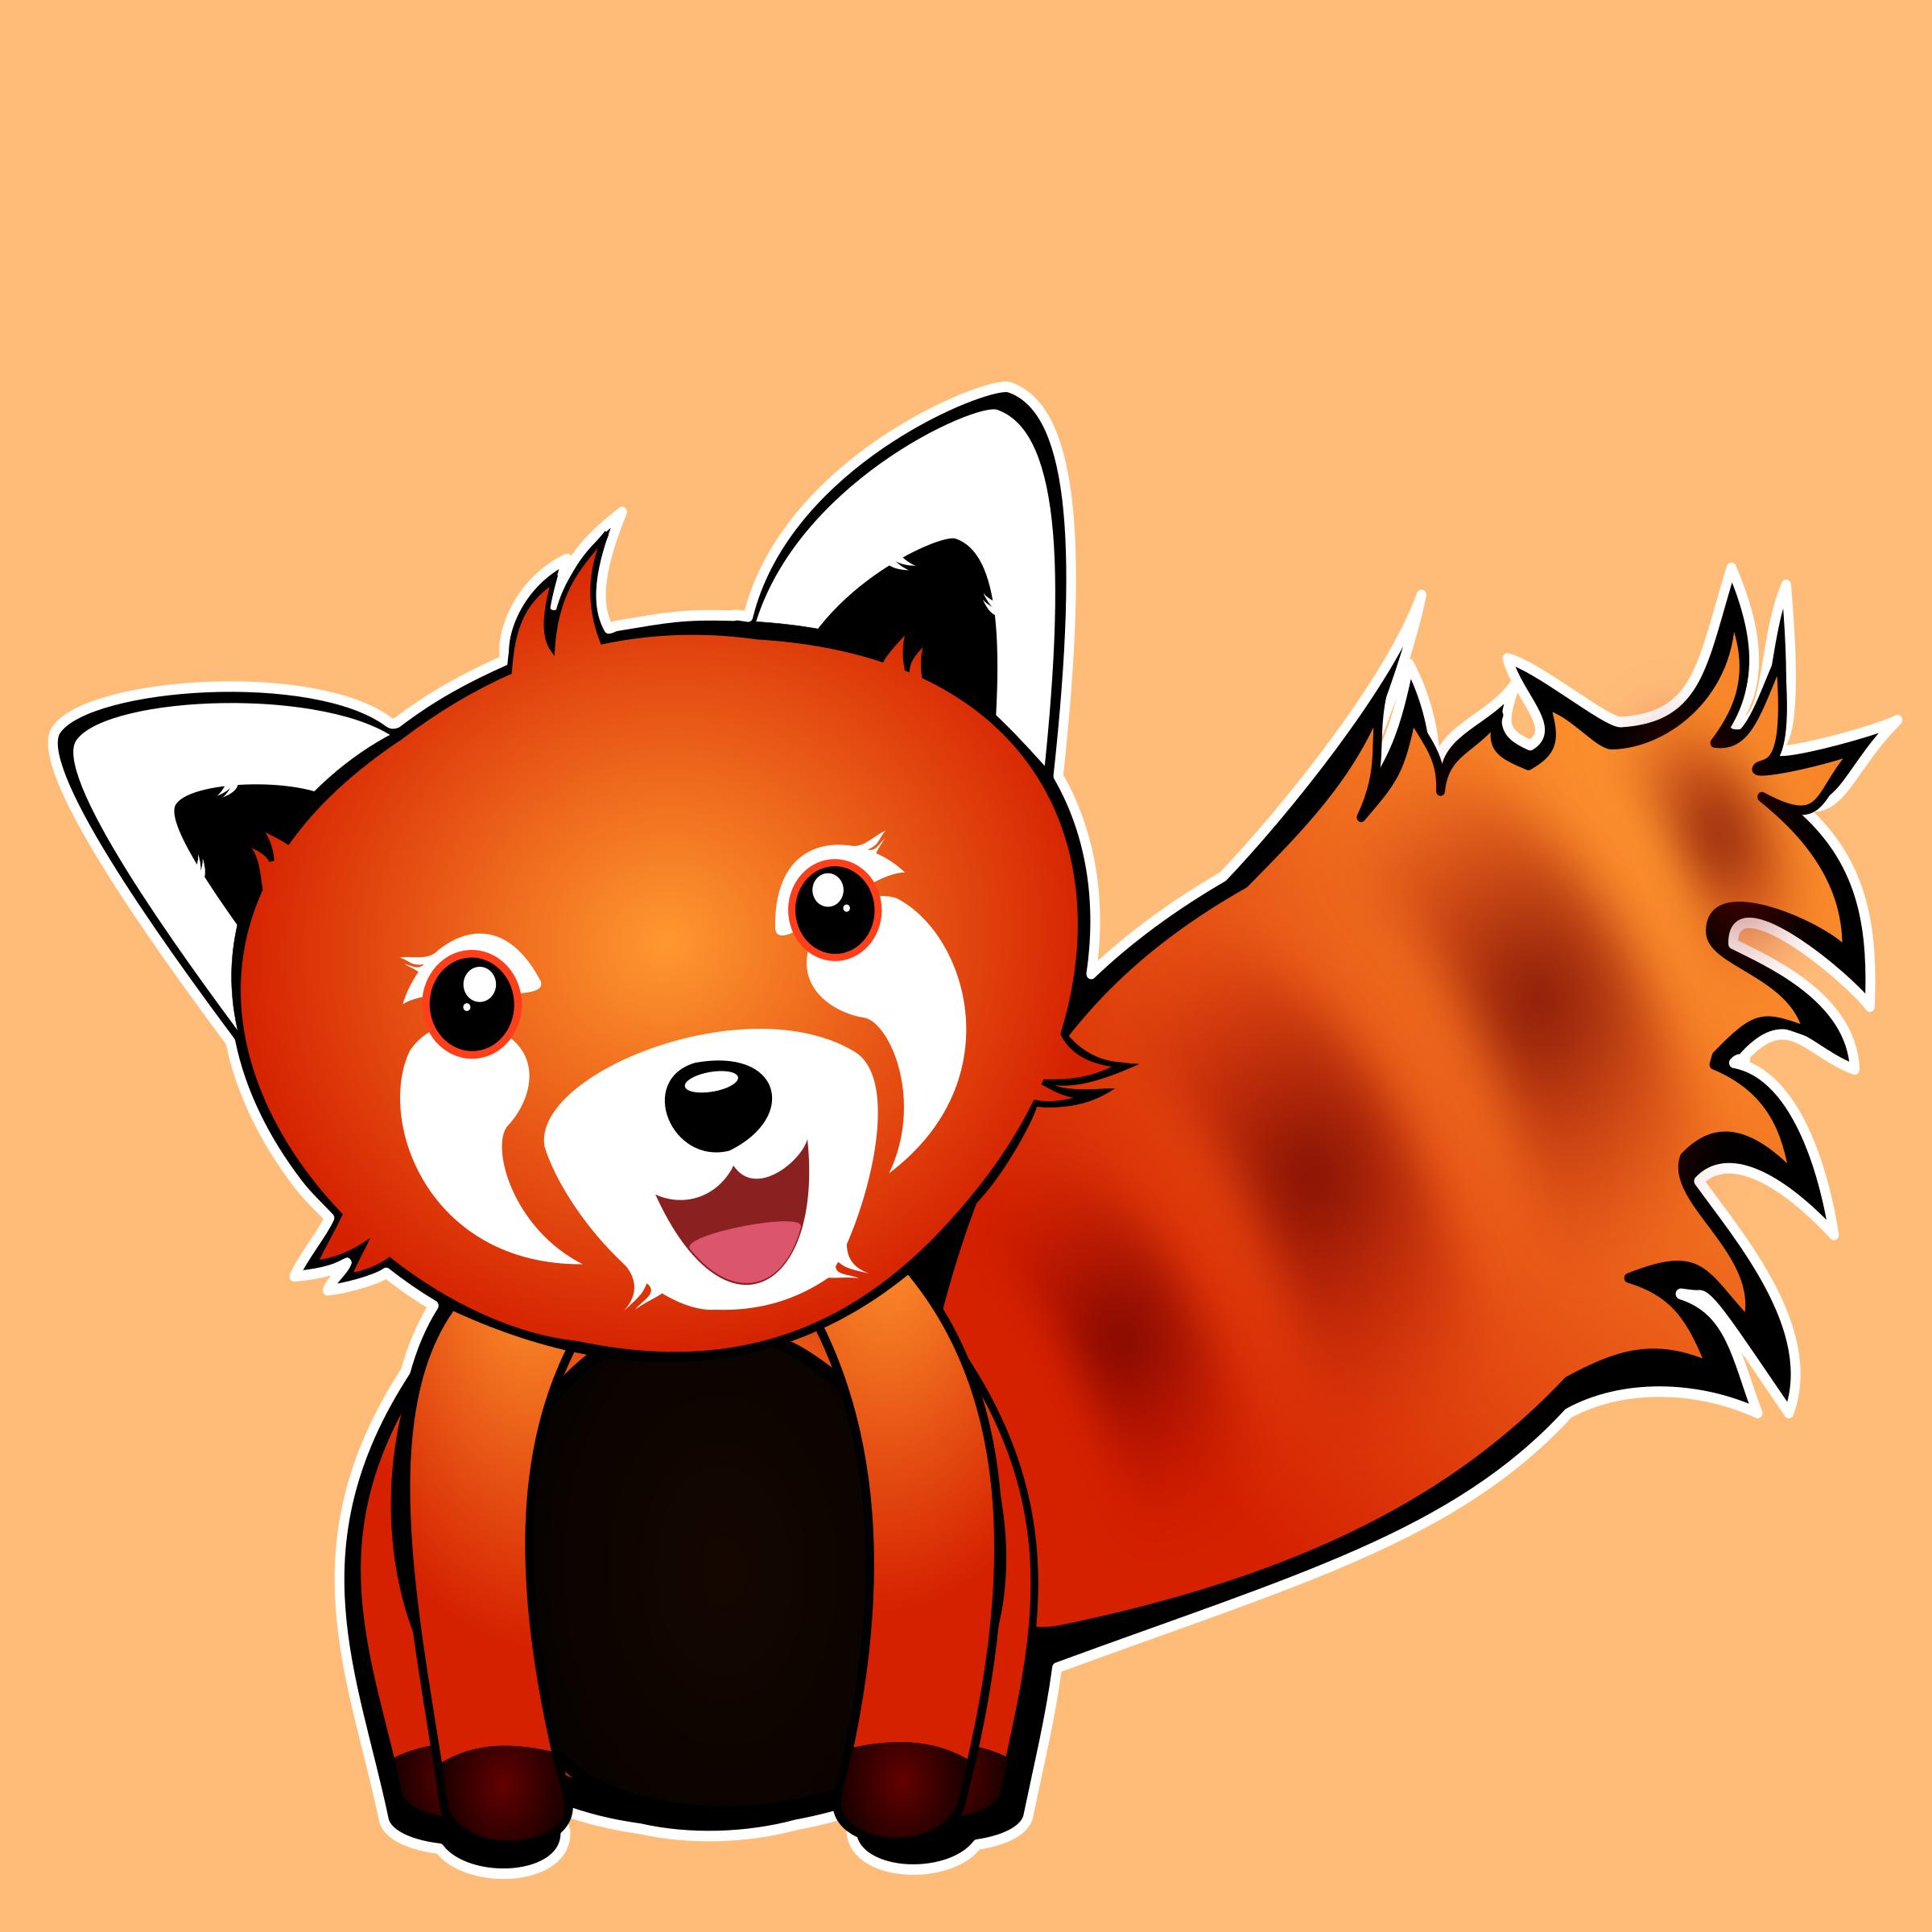 Red Panda clipart #4, Download drawings